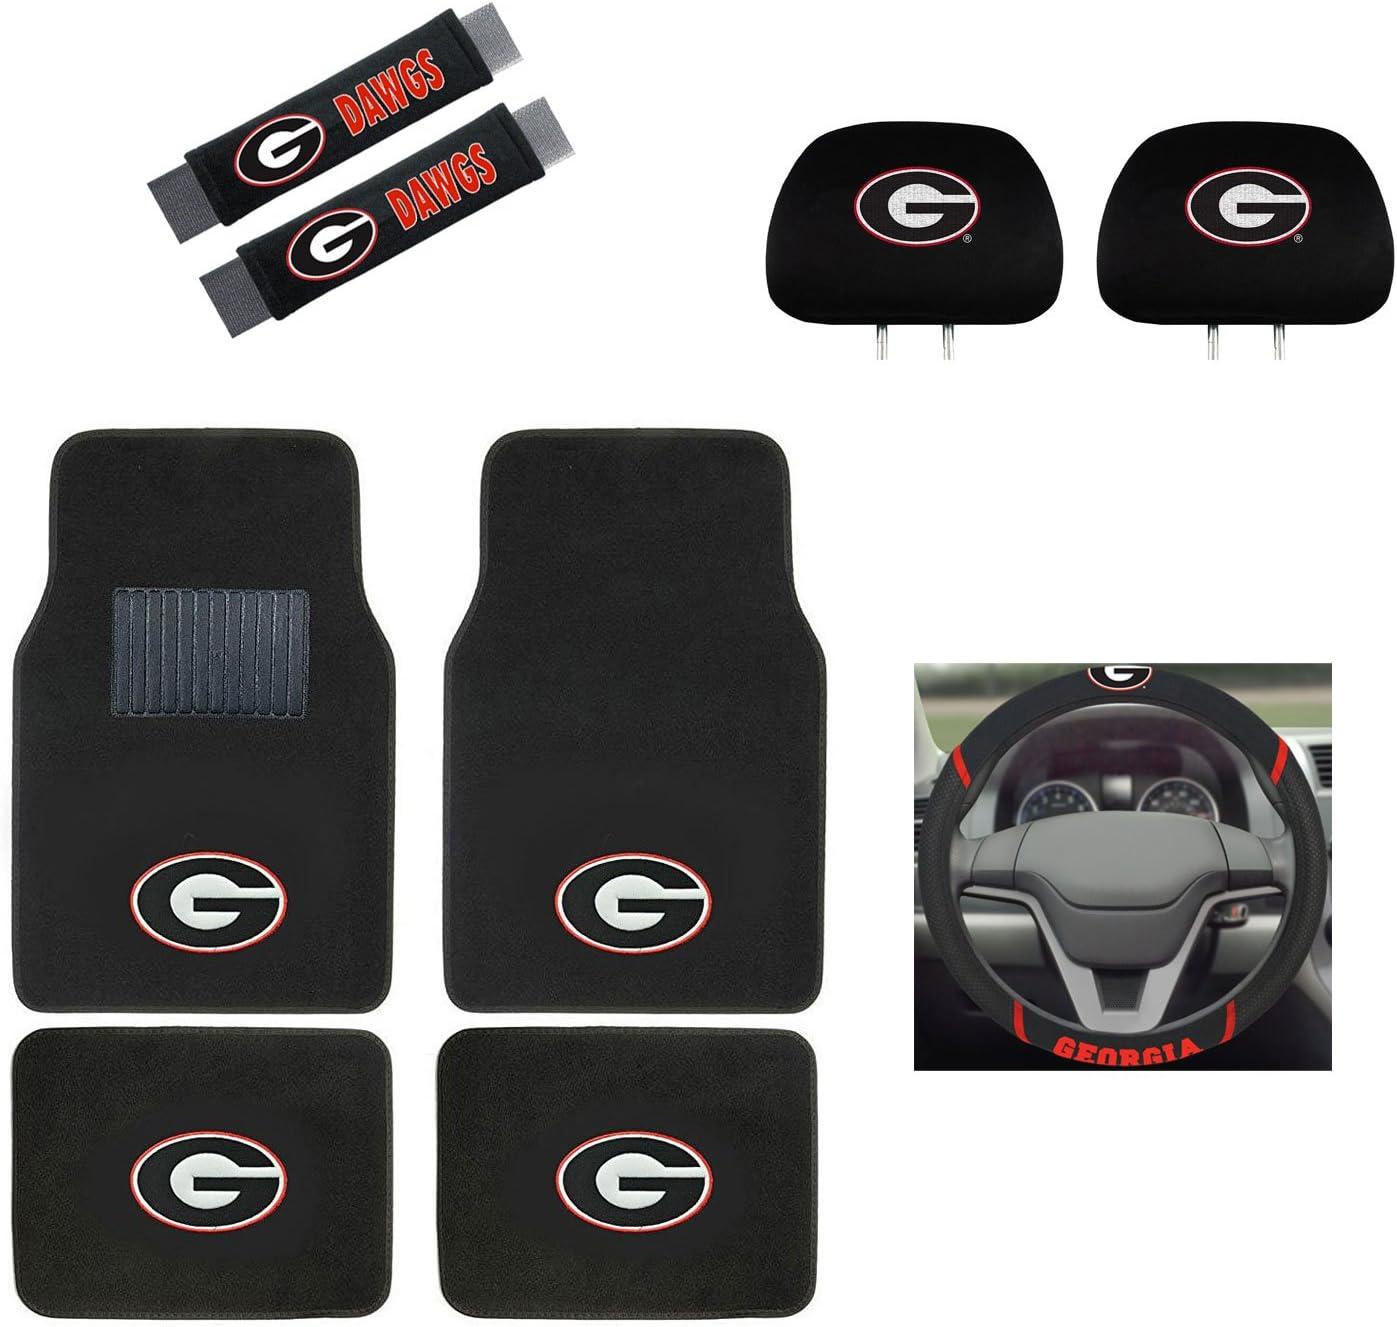 Fuji NCAA Steering Wheel Cover